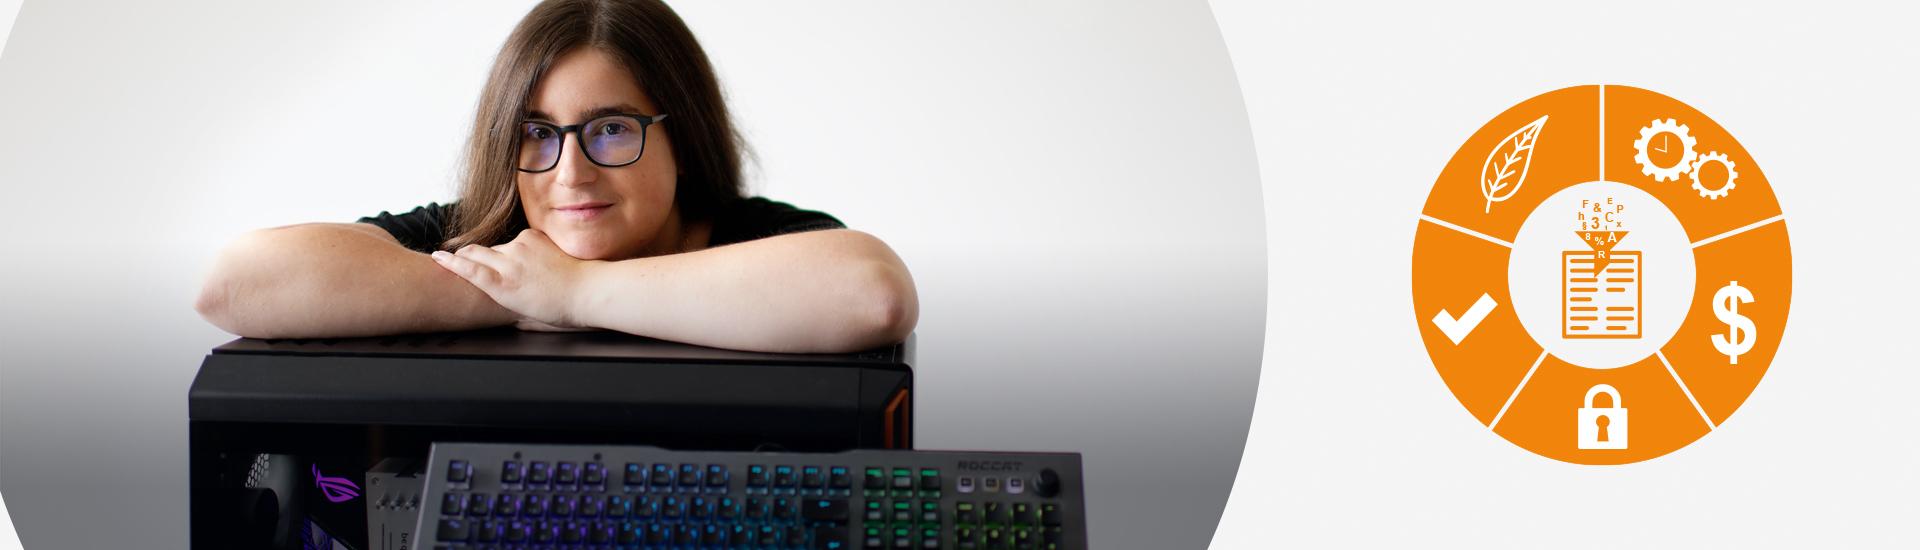 Headerbild Diction-Mitarbeiterin mit Technologien